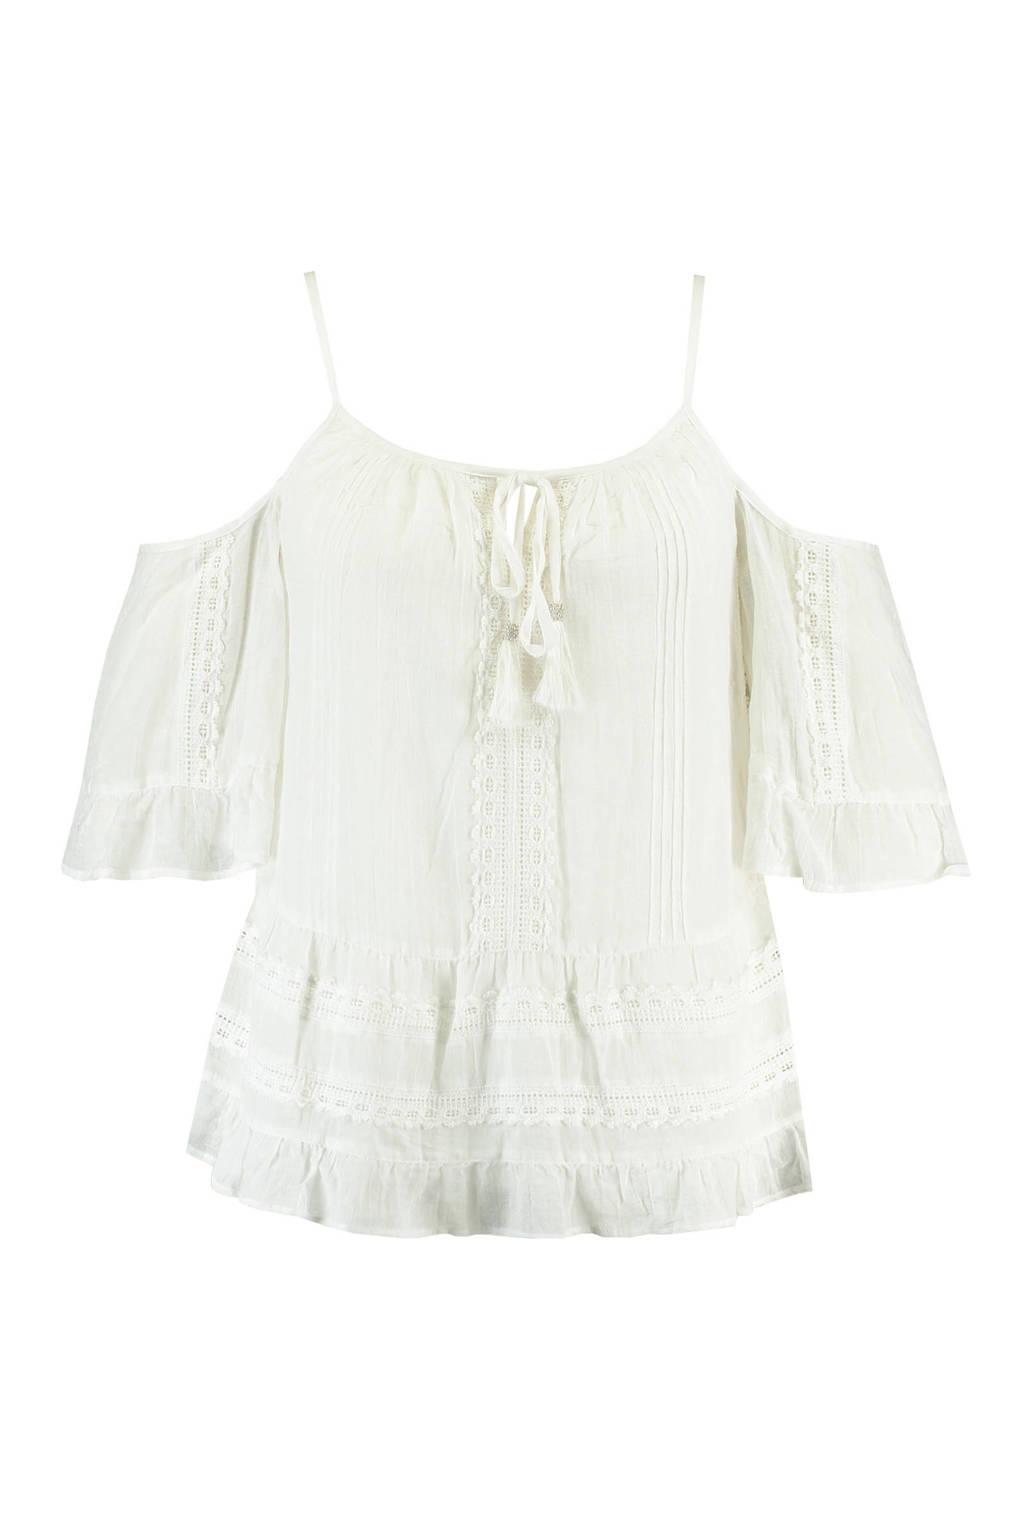 MS Mode open shoulder top met borduursels wit, Wit